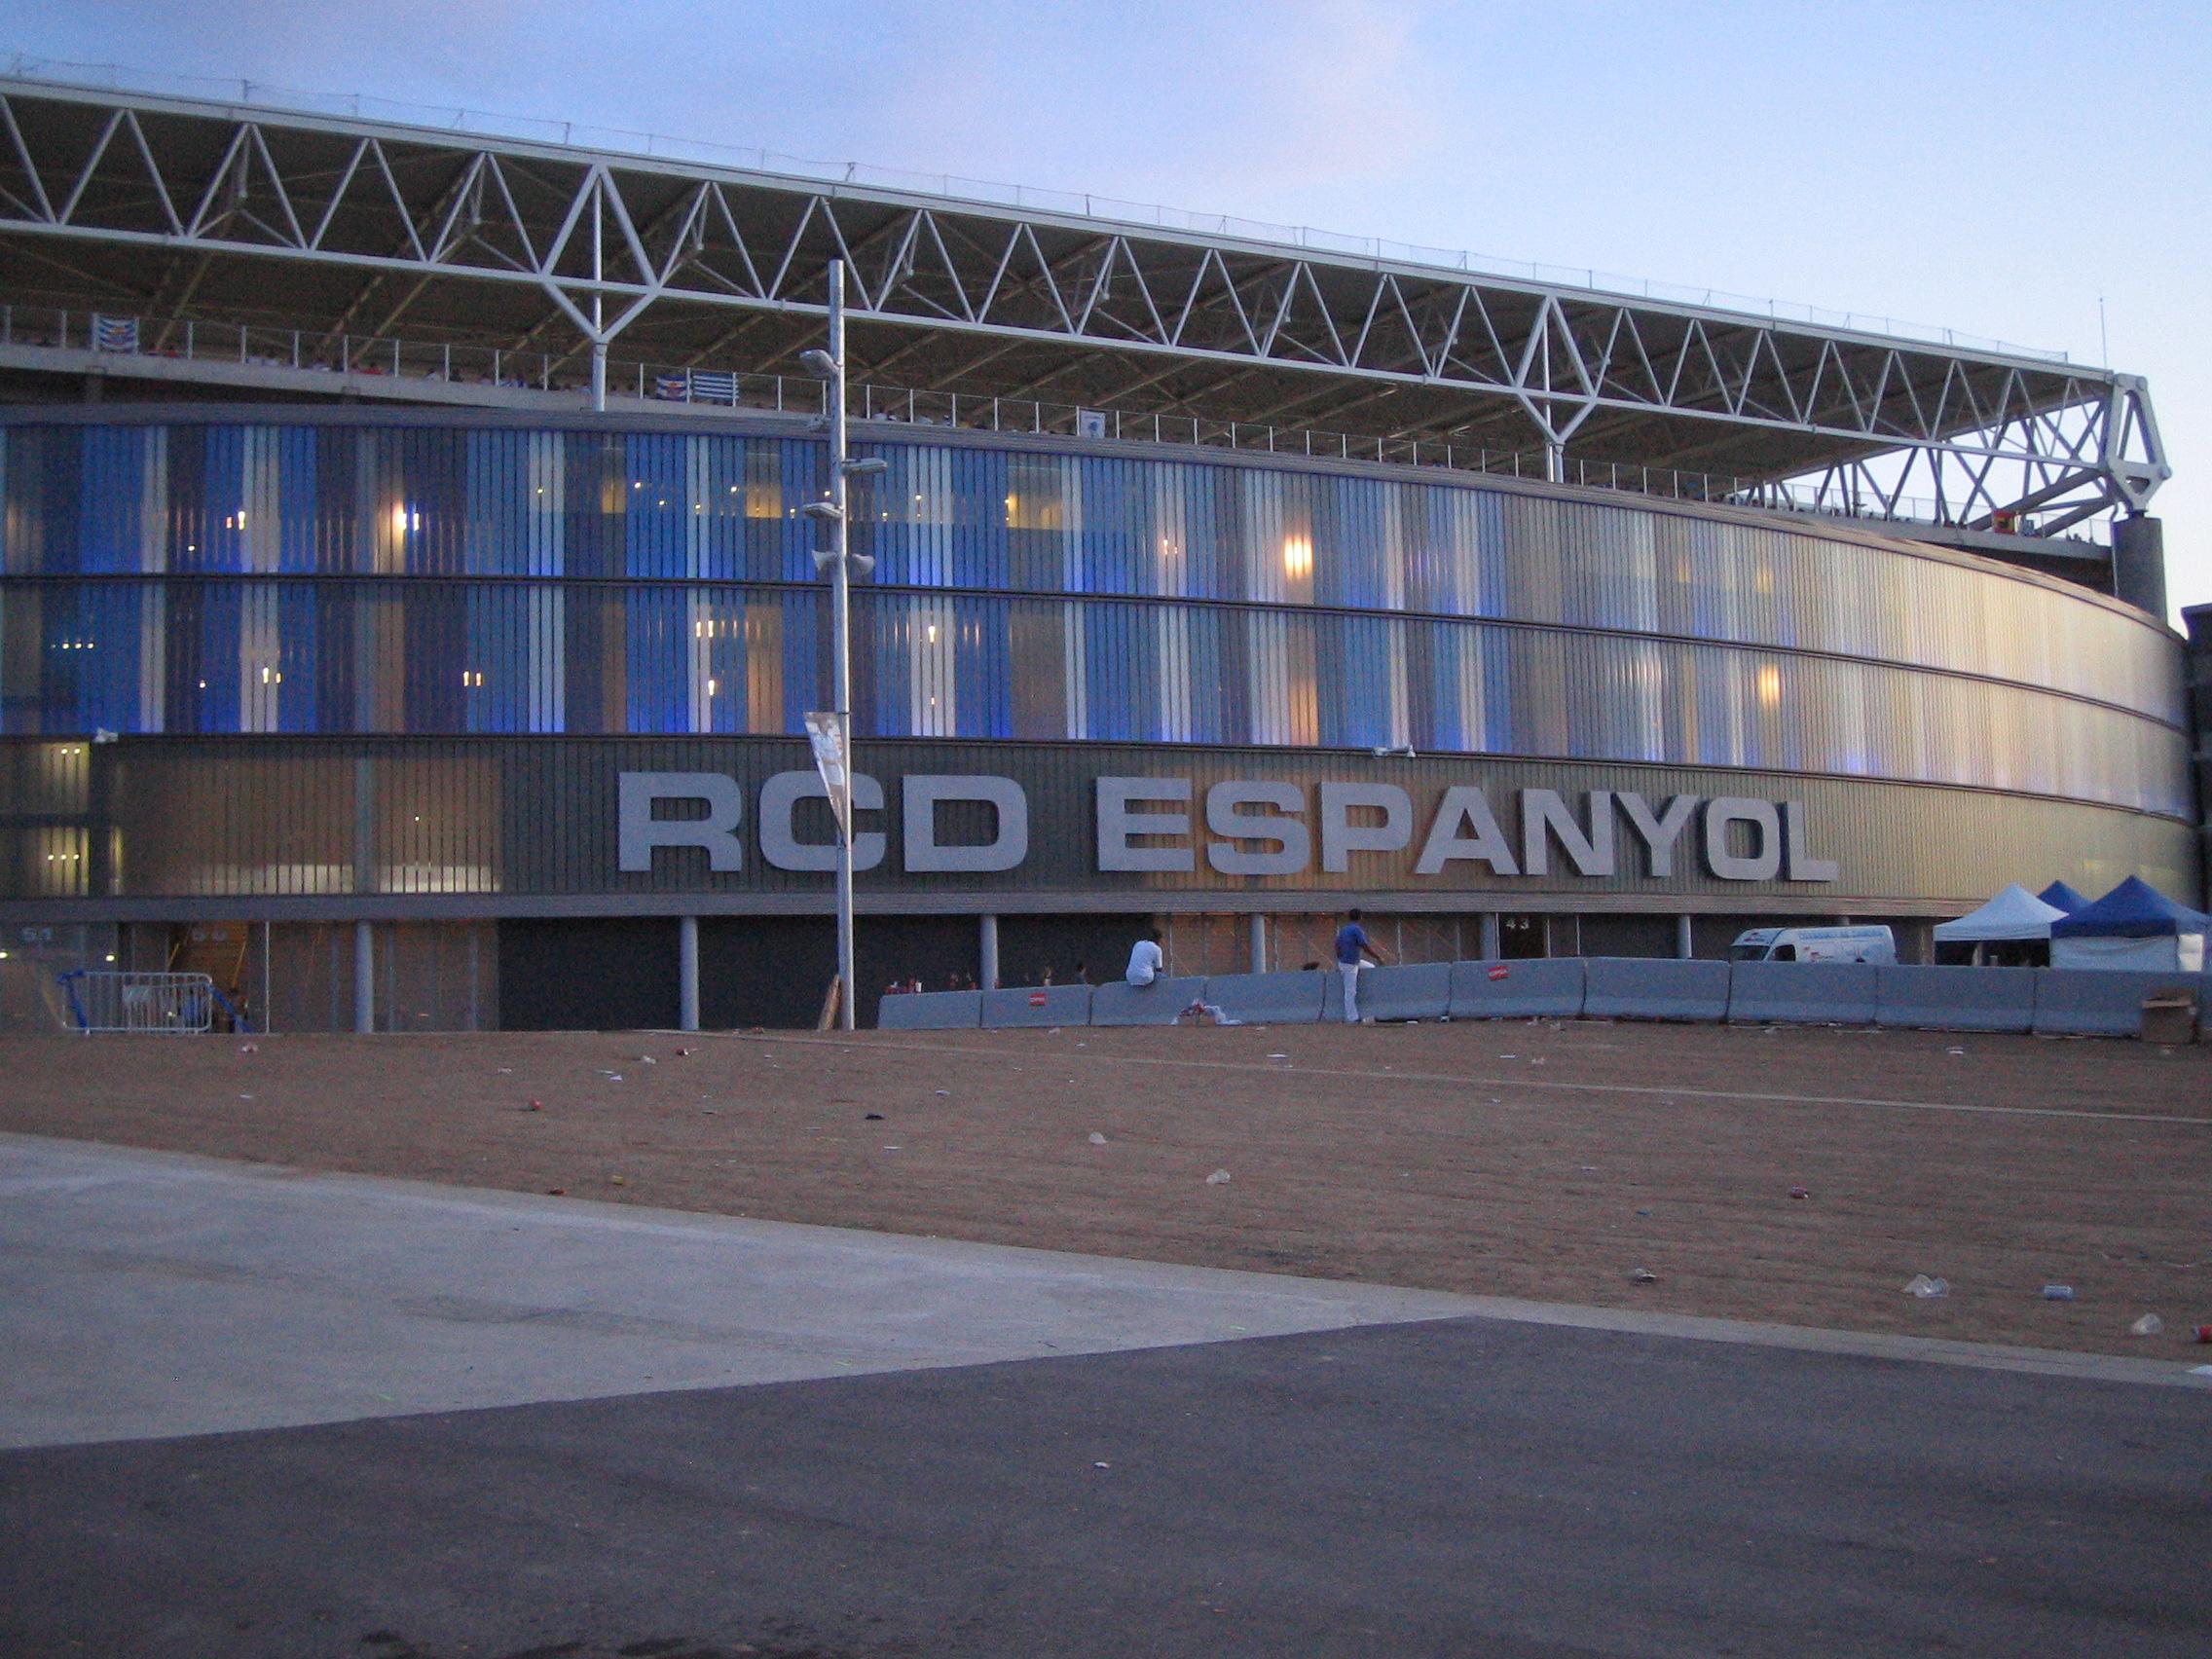 Fotos estadio rcd espanyol 38